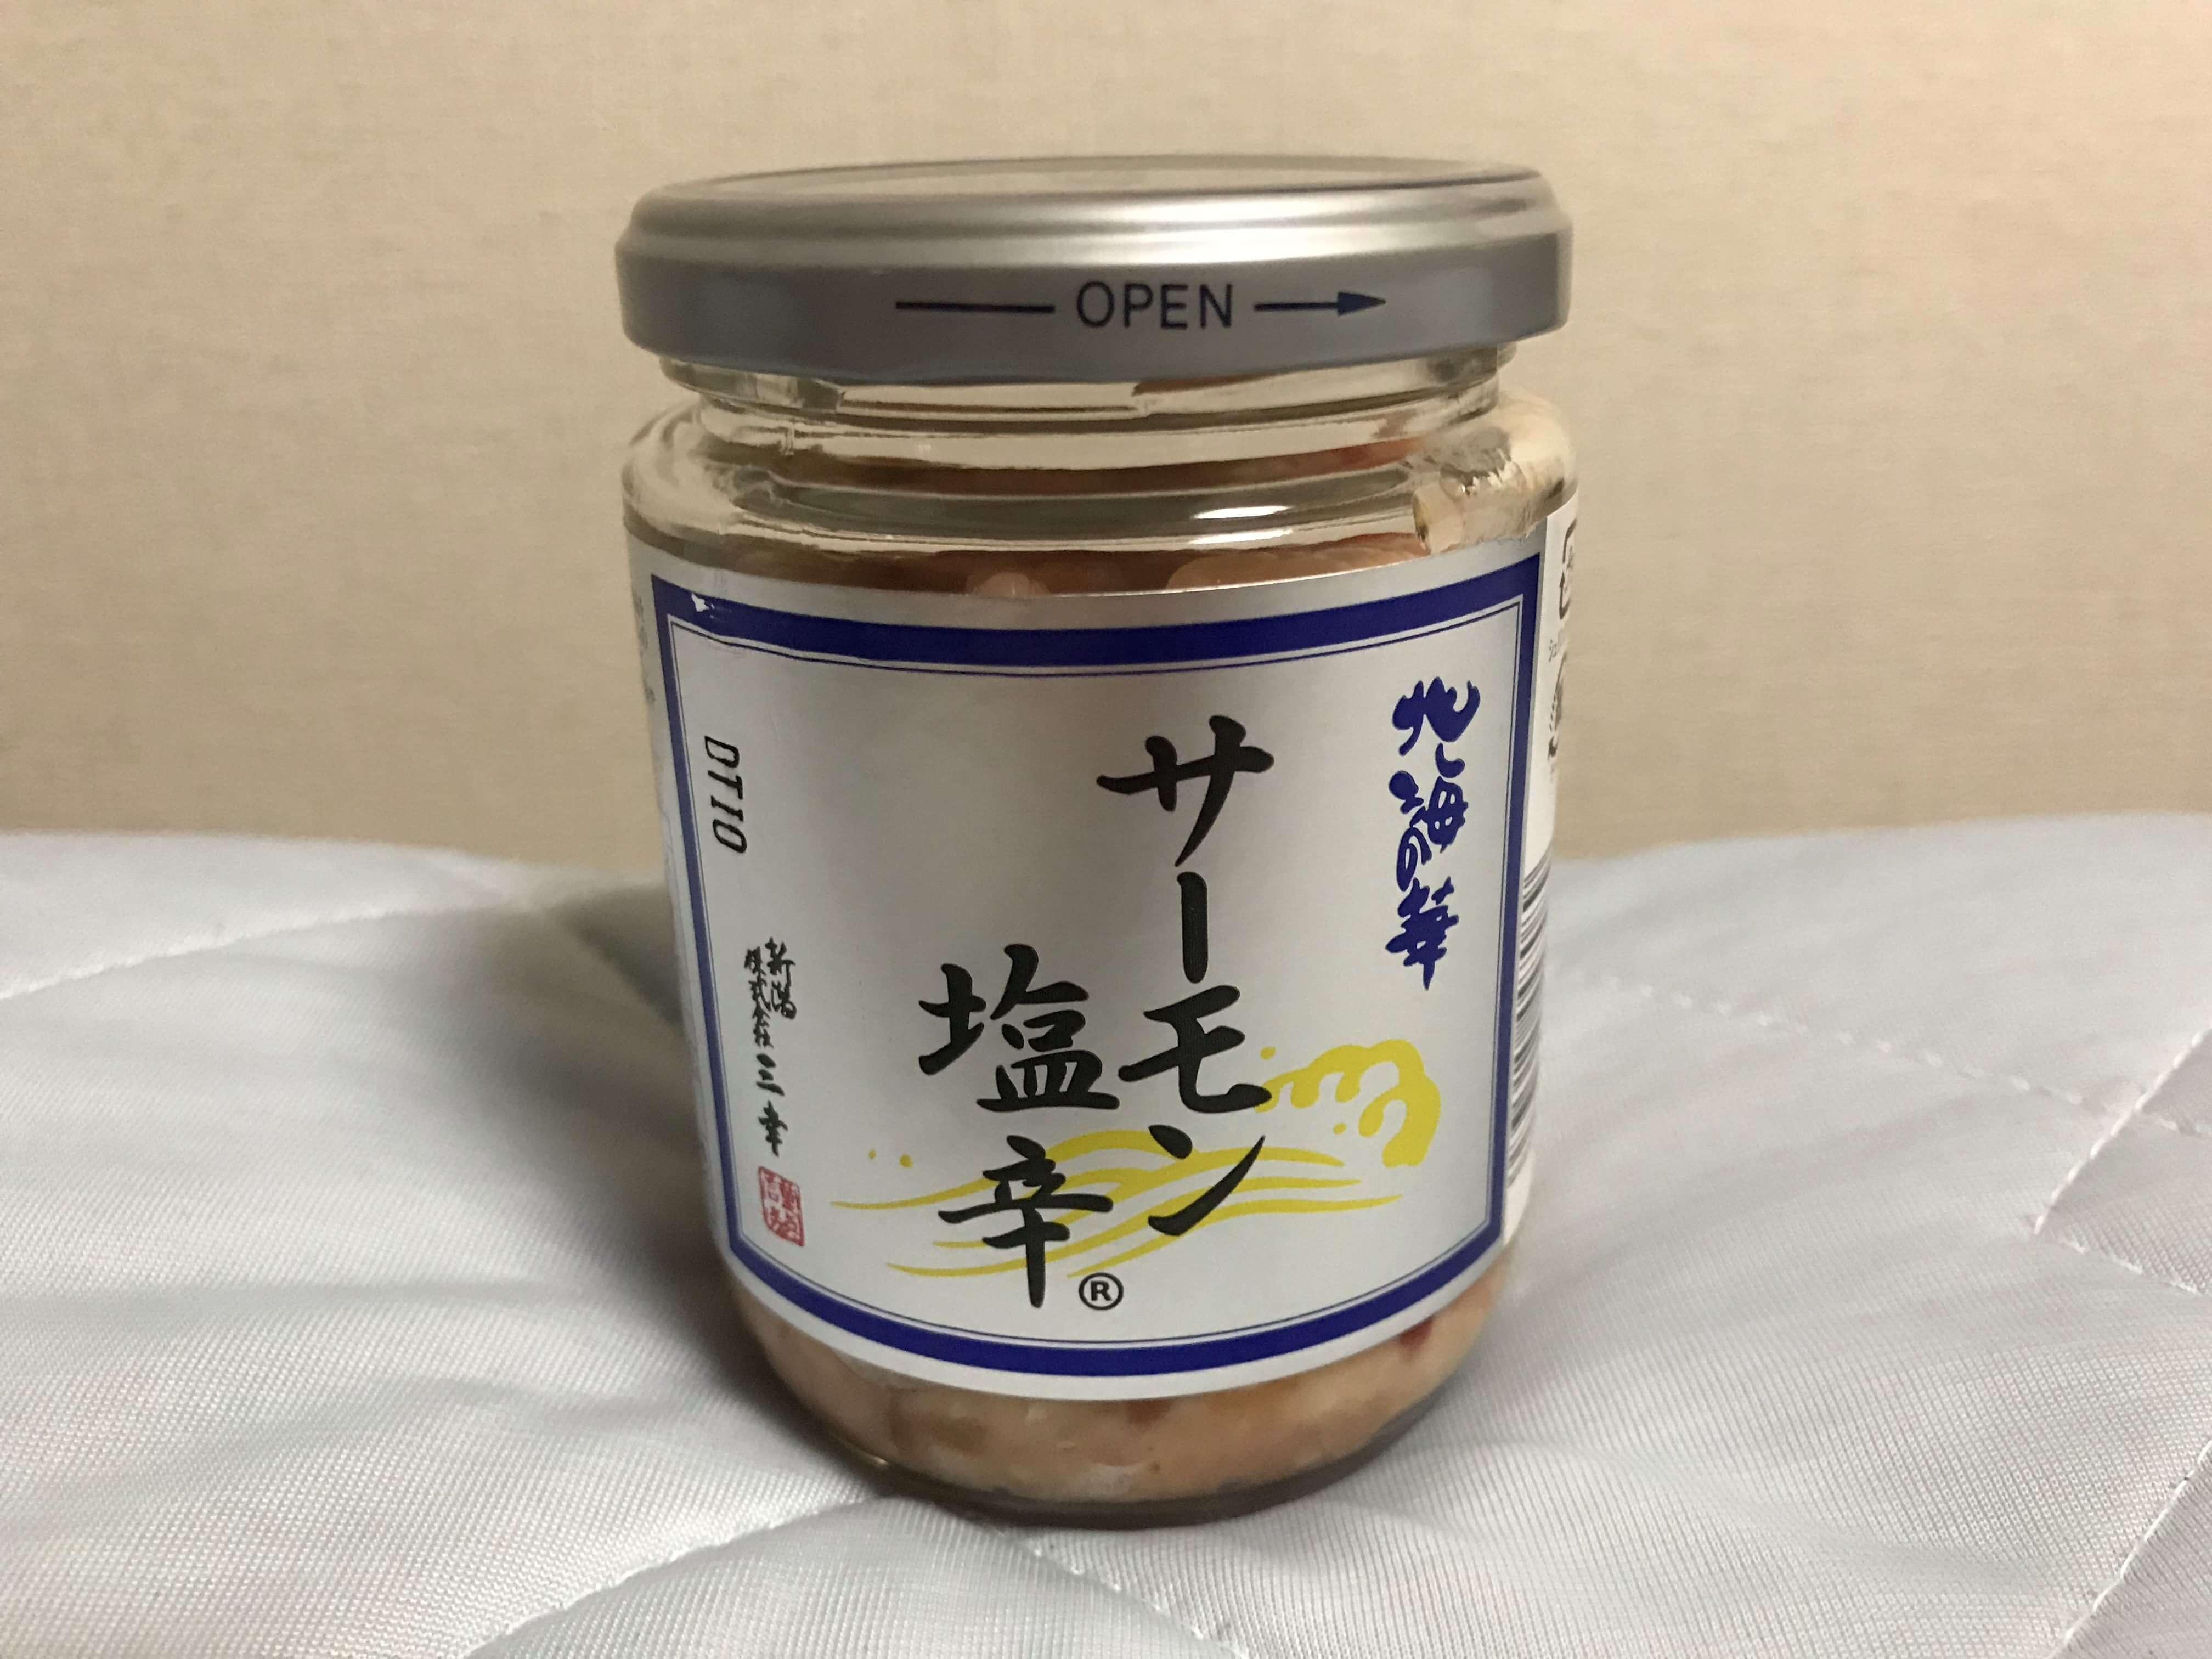 乃木坂46松村沙友理お勧め「サーモン塩辛」が買える店が都内にある!?